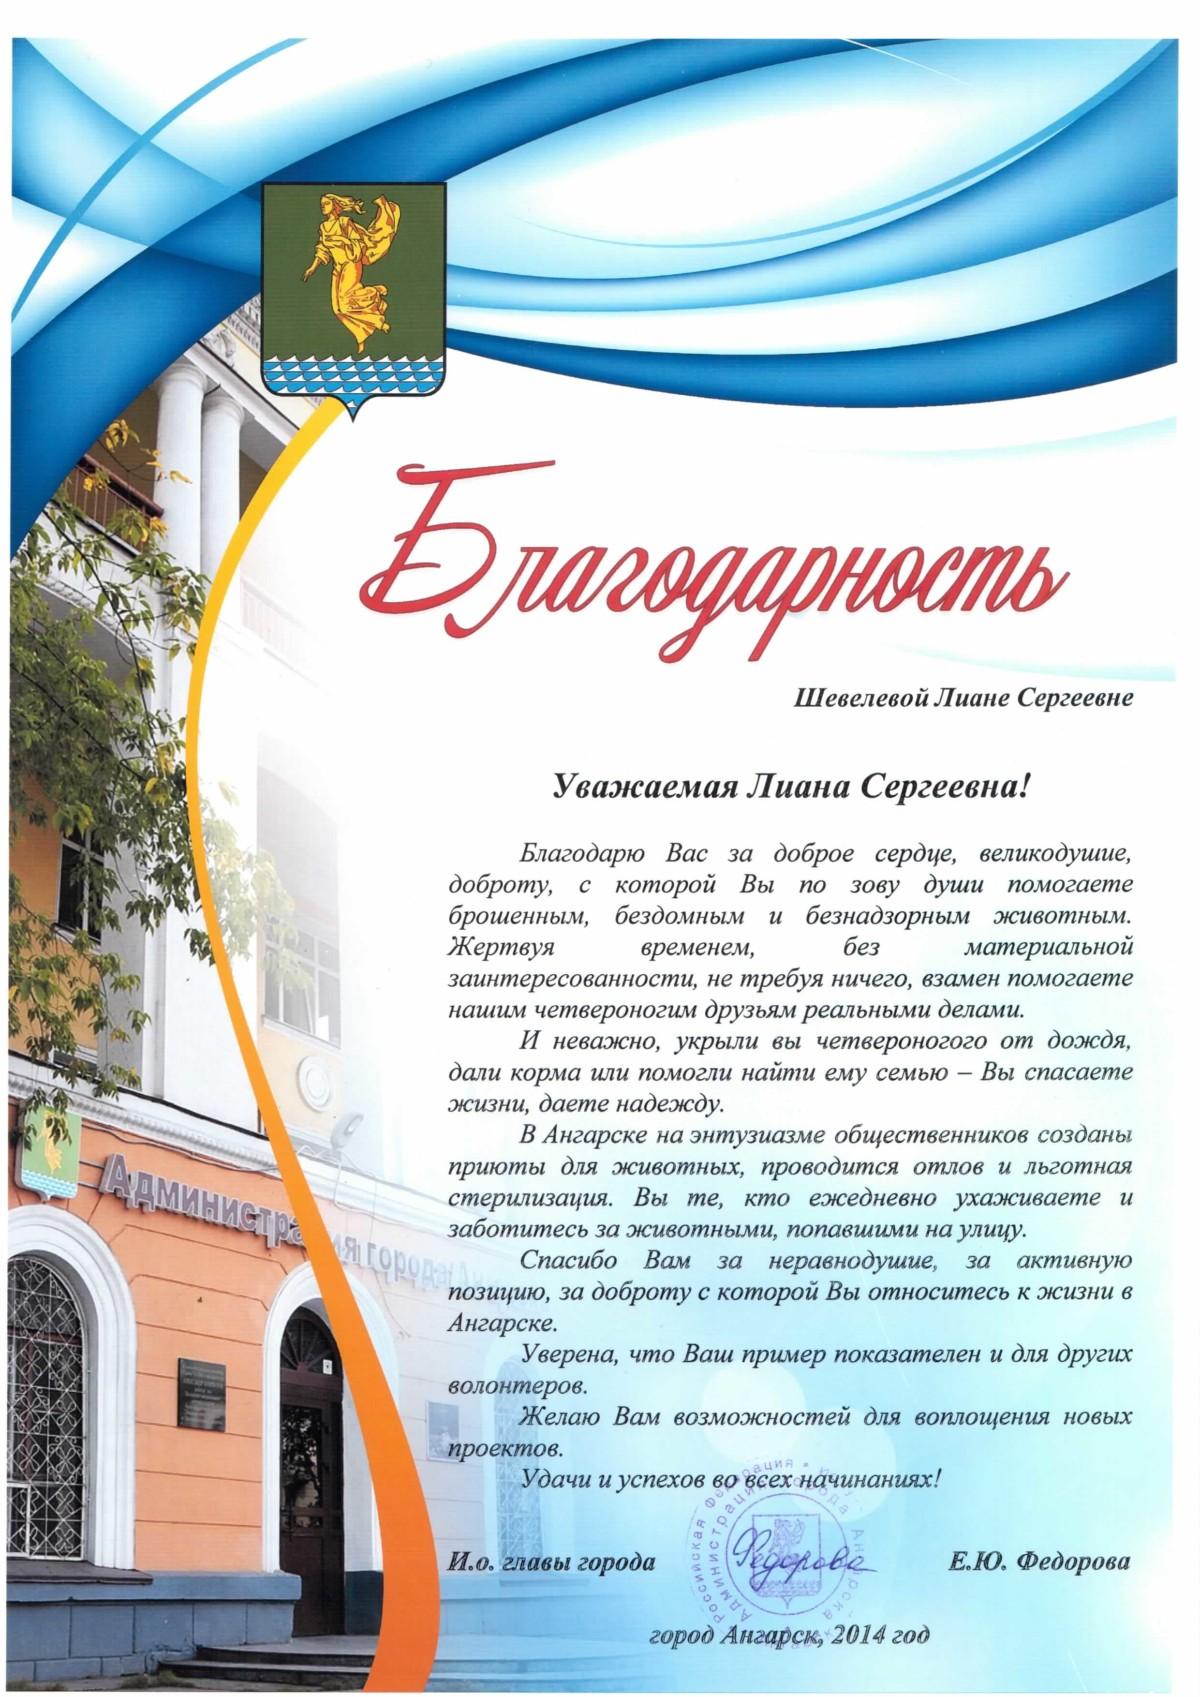 Благодарность глава города Е.Ю. Федорова